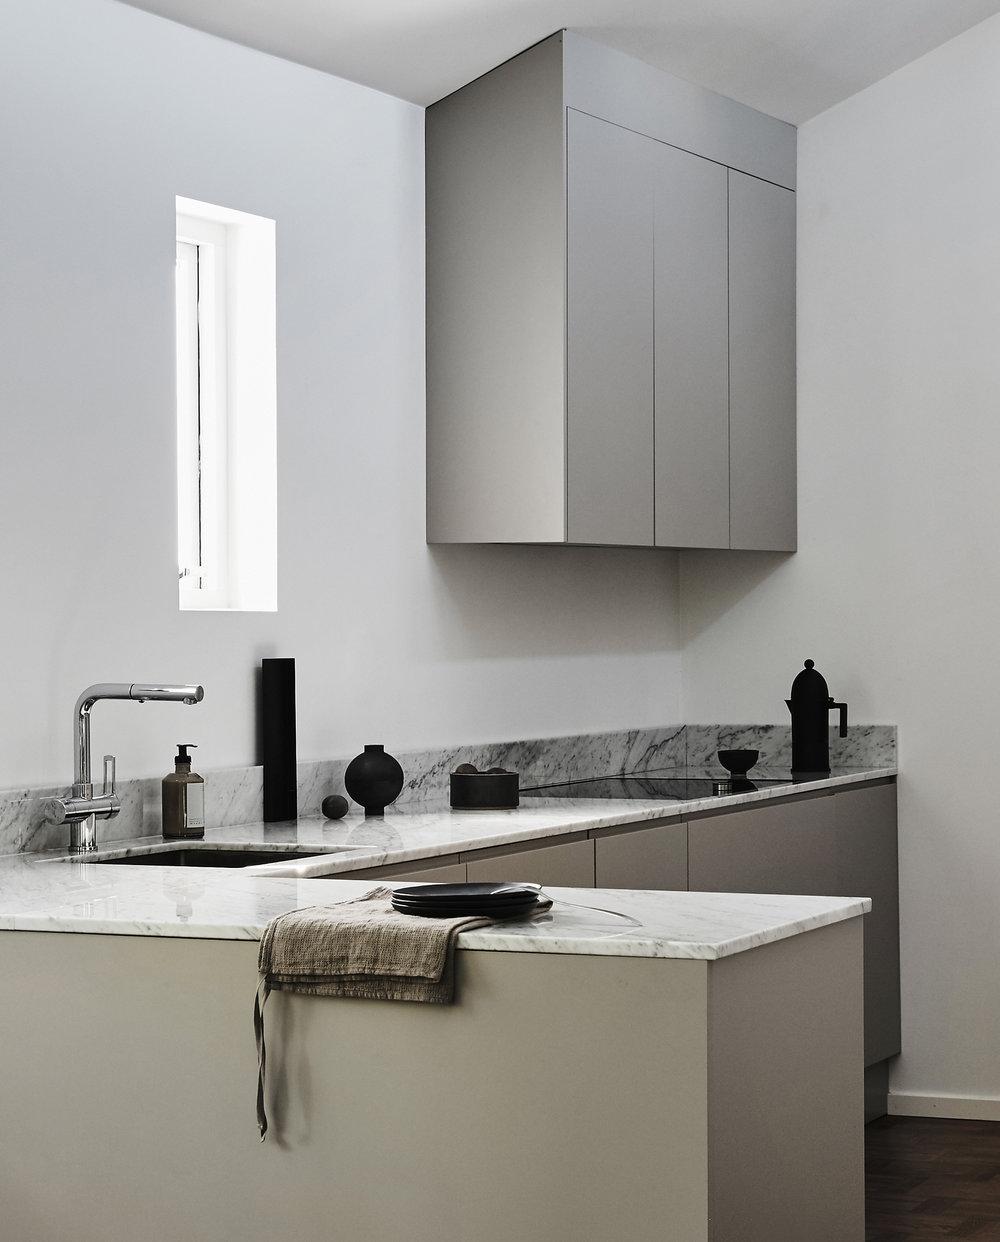 Proffskök med högt i tak där form och funktion går hand i hand. Den mjuka kulören i greige bryter fint mot bänkskivan i marmor. 5 + 1,5m kök. Pris 72.000 sek(Pris exklusive bänkskiva och vitvaror) Se fler bilder